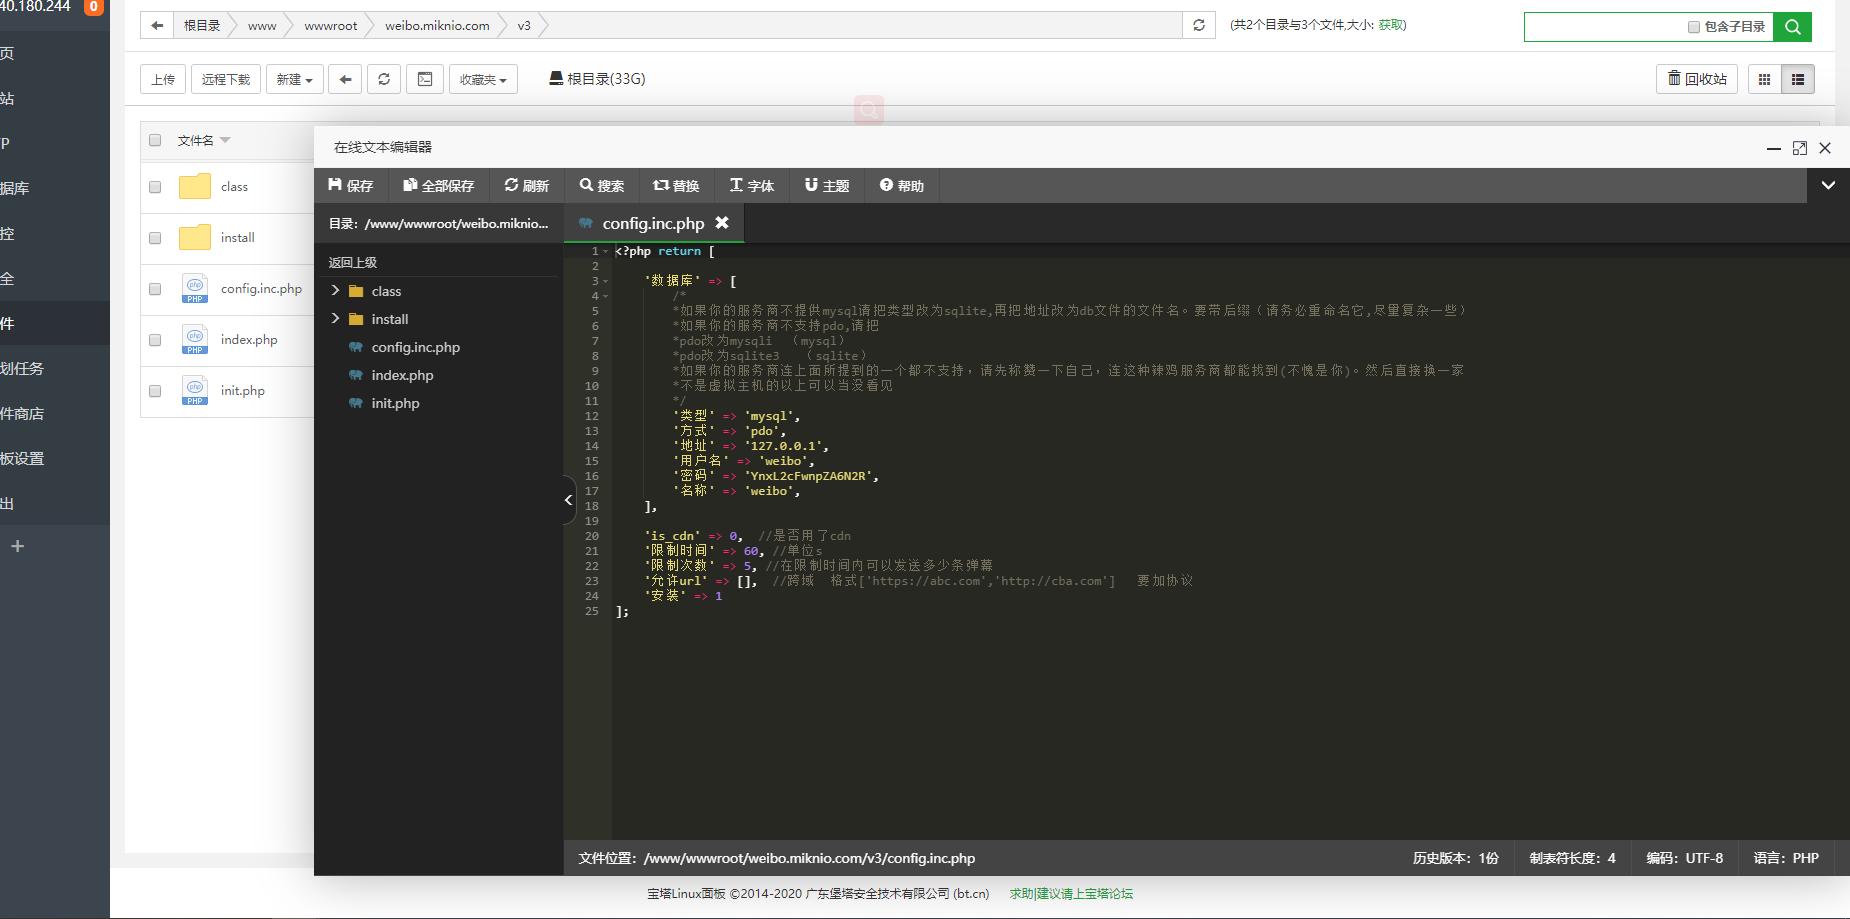 自建高性能弹幕库V3,可对接仿Bilibili弹幕播放器-常网小站Miknio